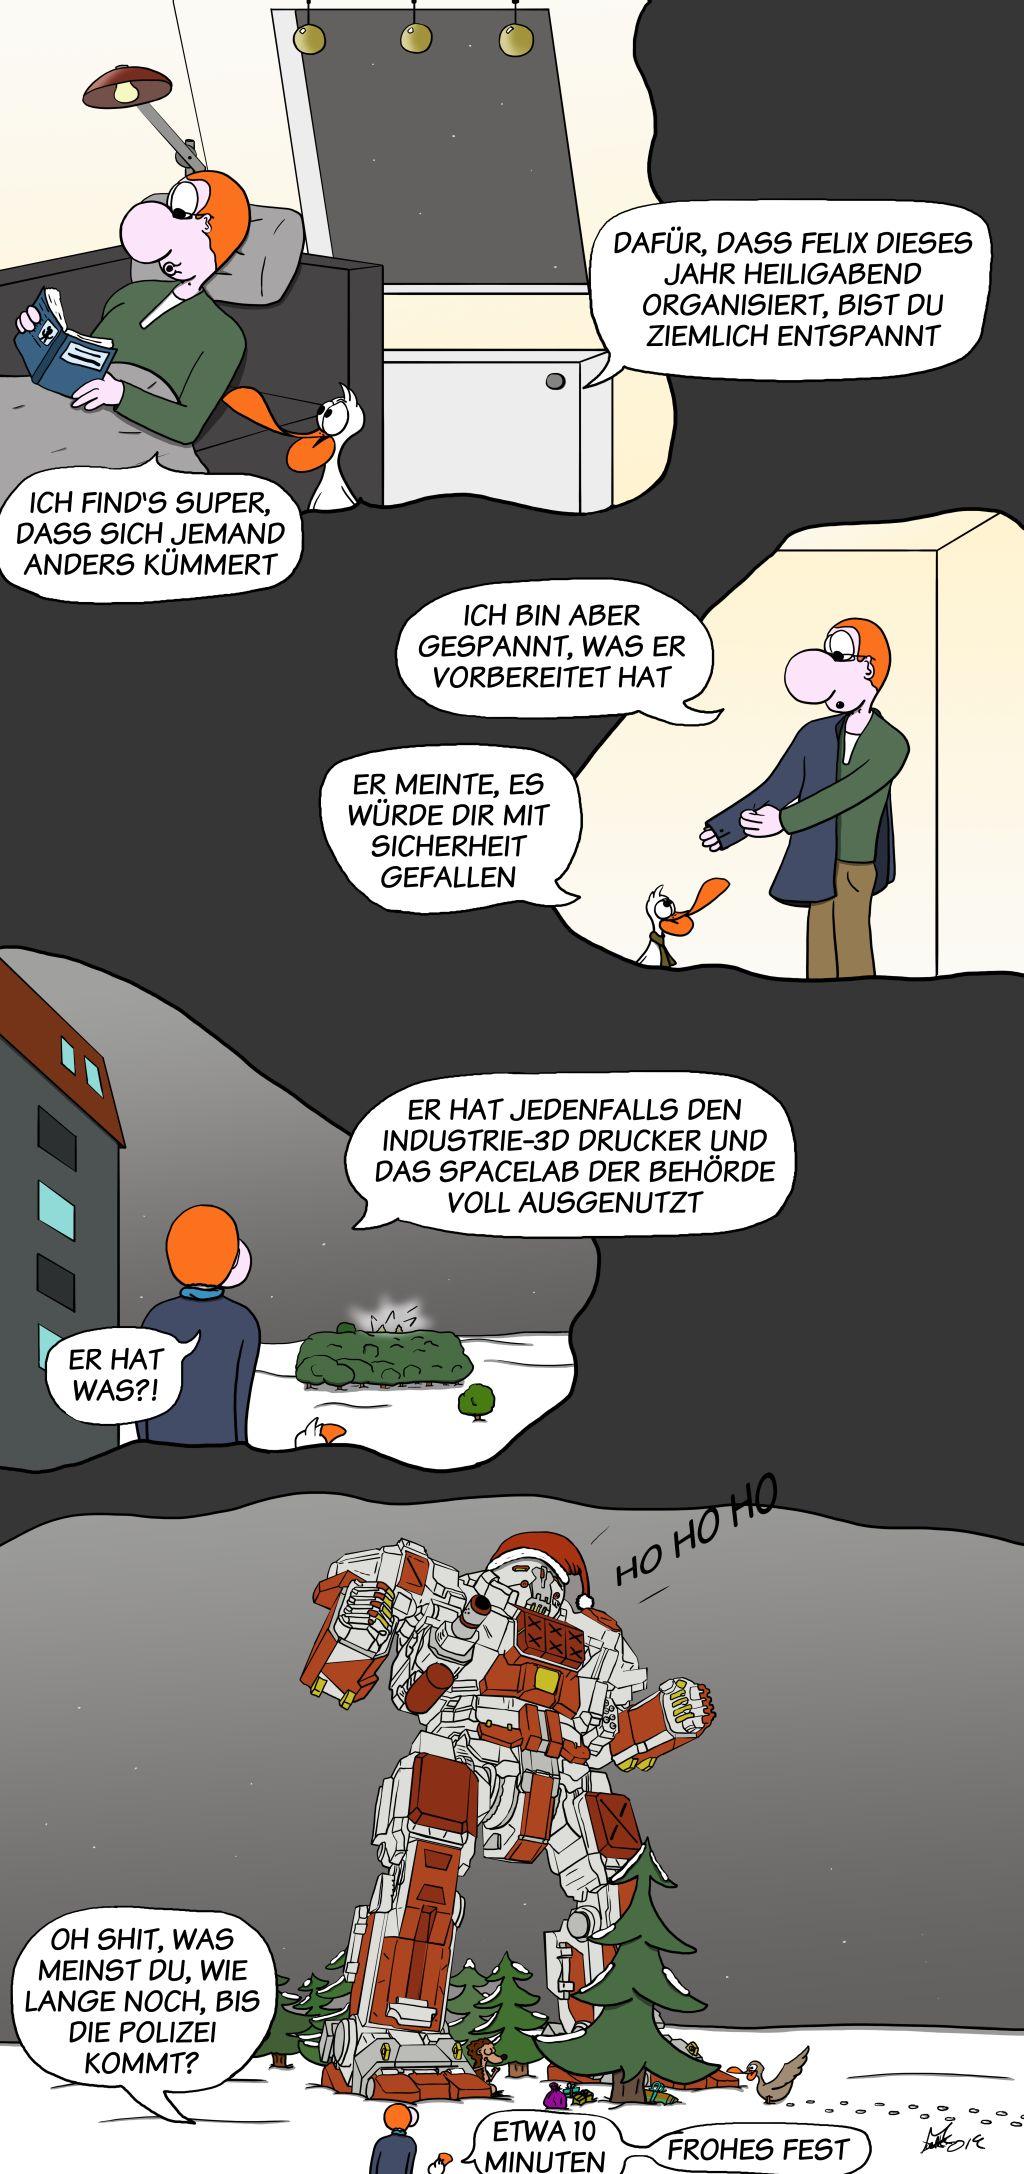 Der Wo Ente: Weihnachten 2019